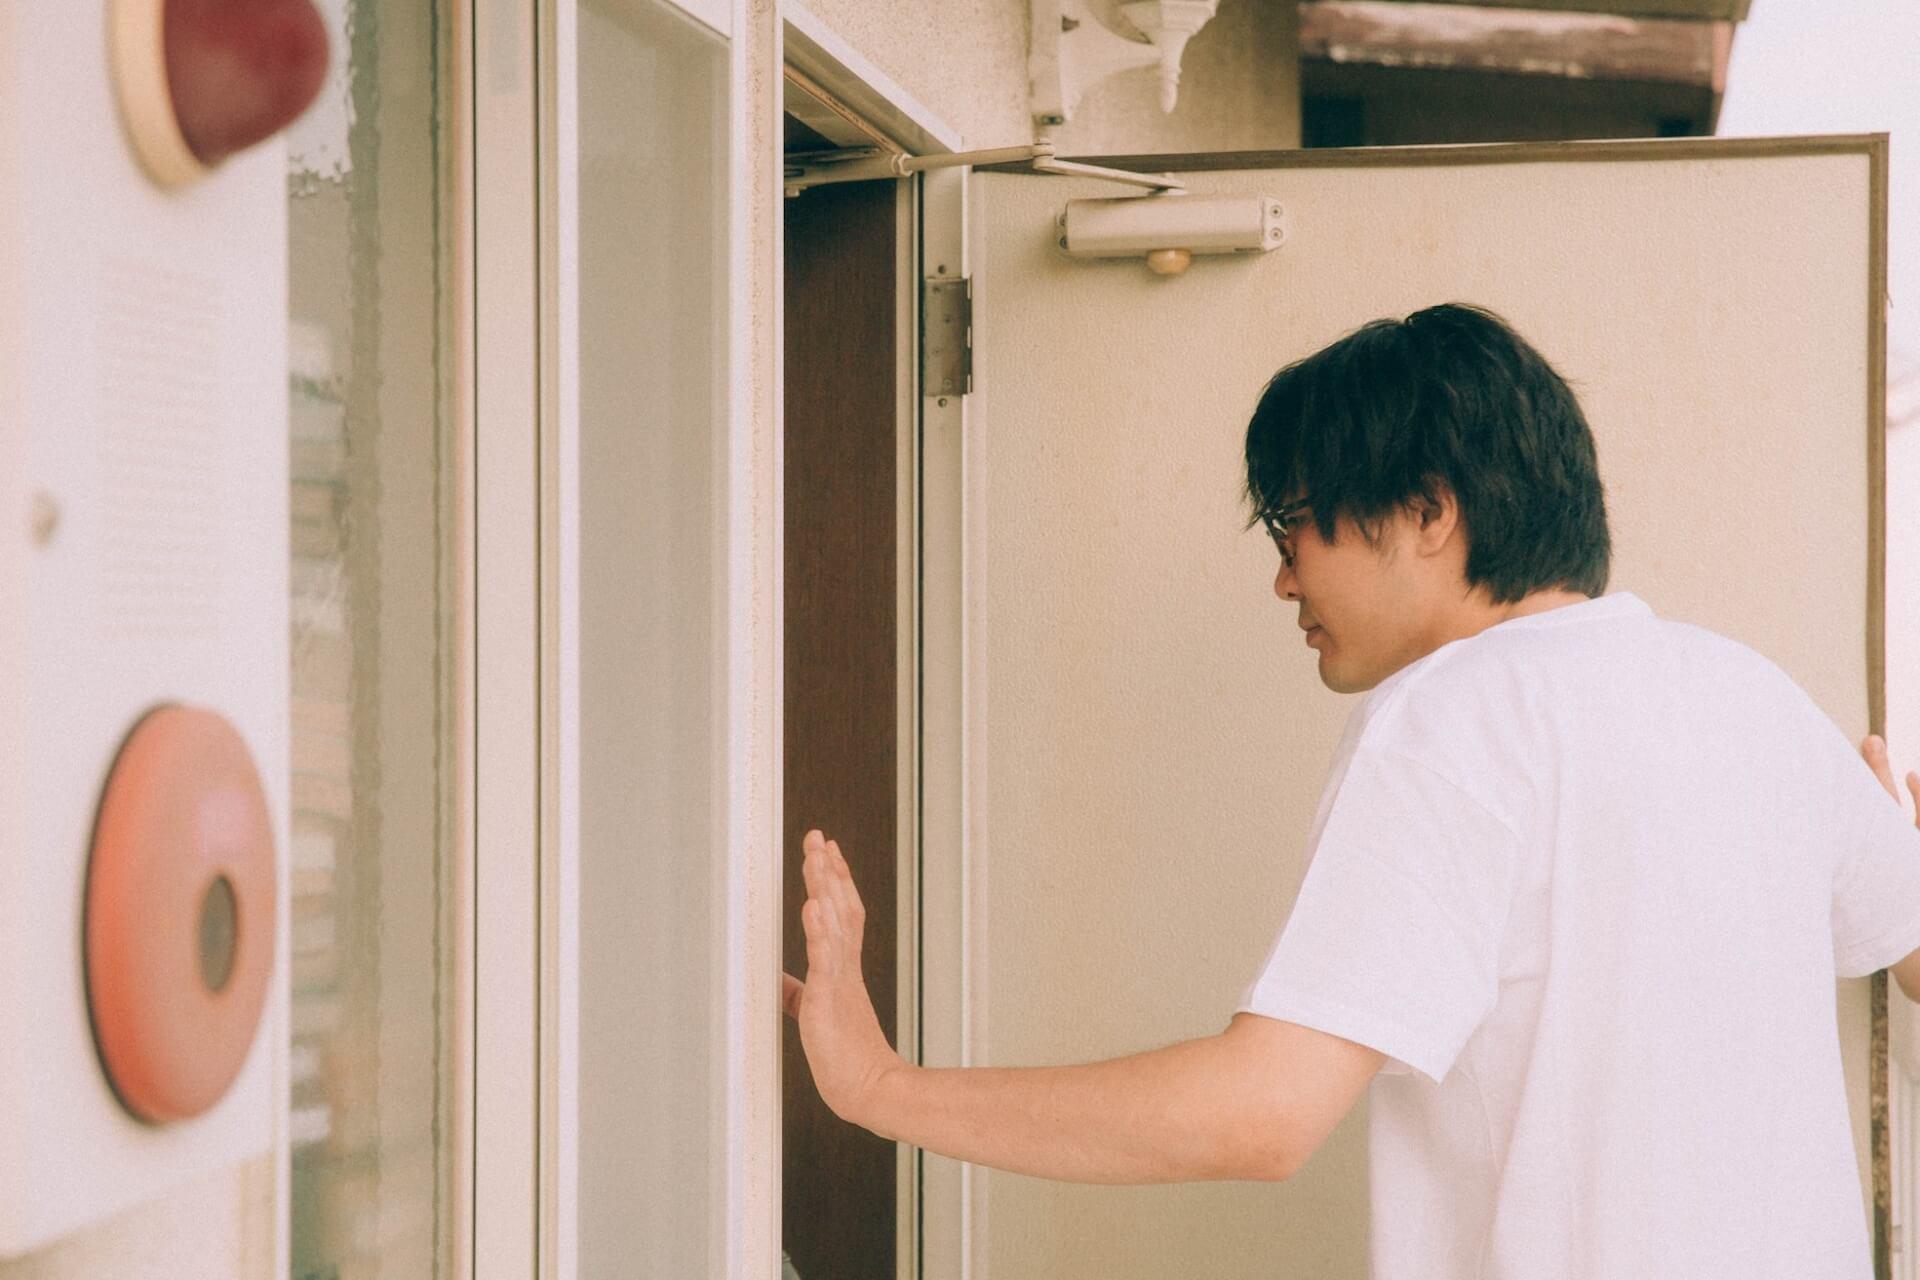 神谷亮佑×カンパニー松尾 対談|GEZAN映画『Tribe Called Discord』に存在する問いかけについて interview-gezan-film-3